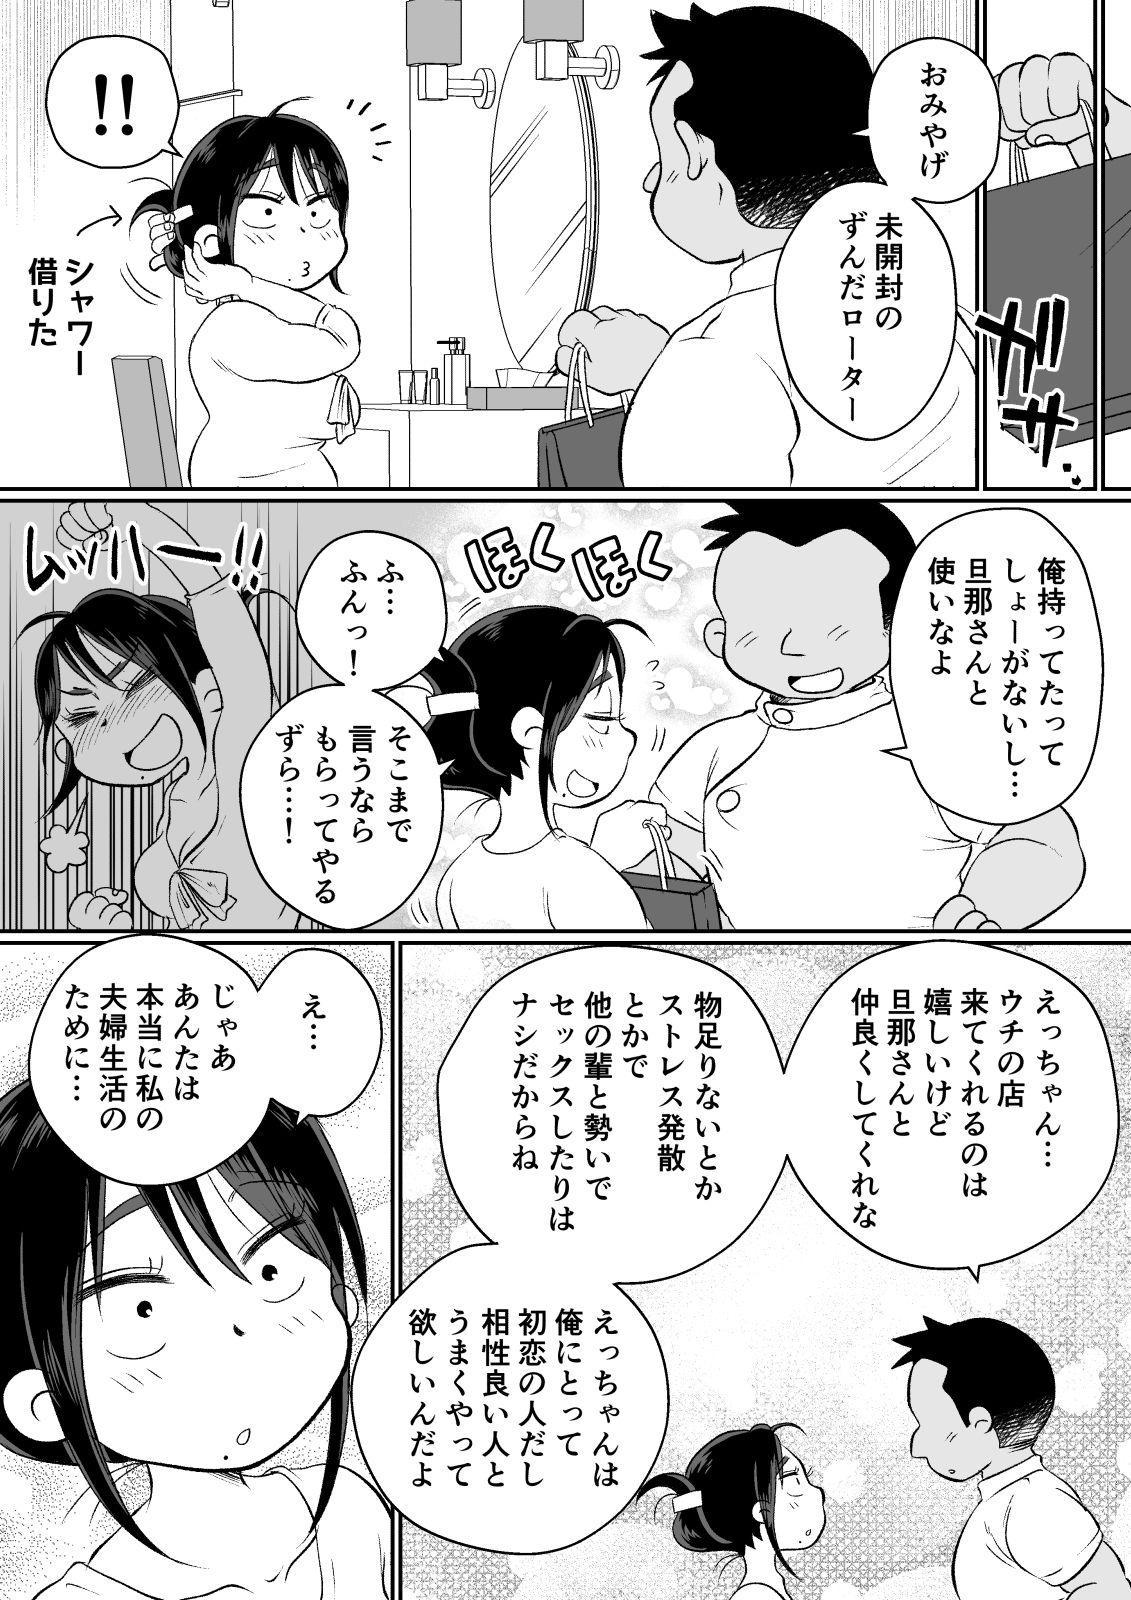 Batsuichi Hitozuma, Moto Danna no Ero Massage ni Ochiru! 73